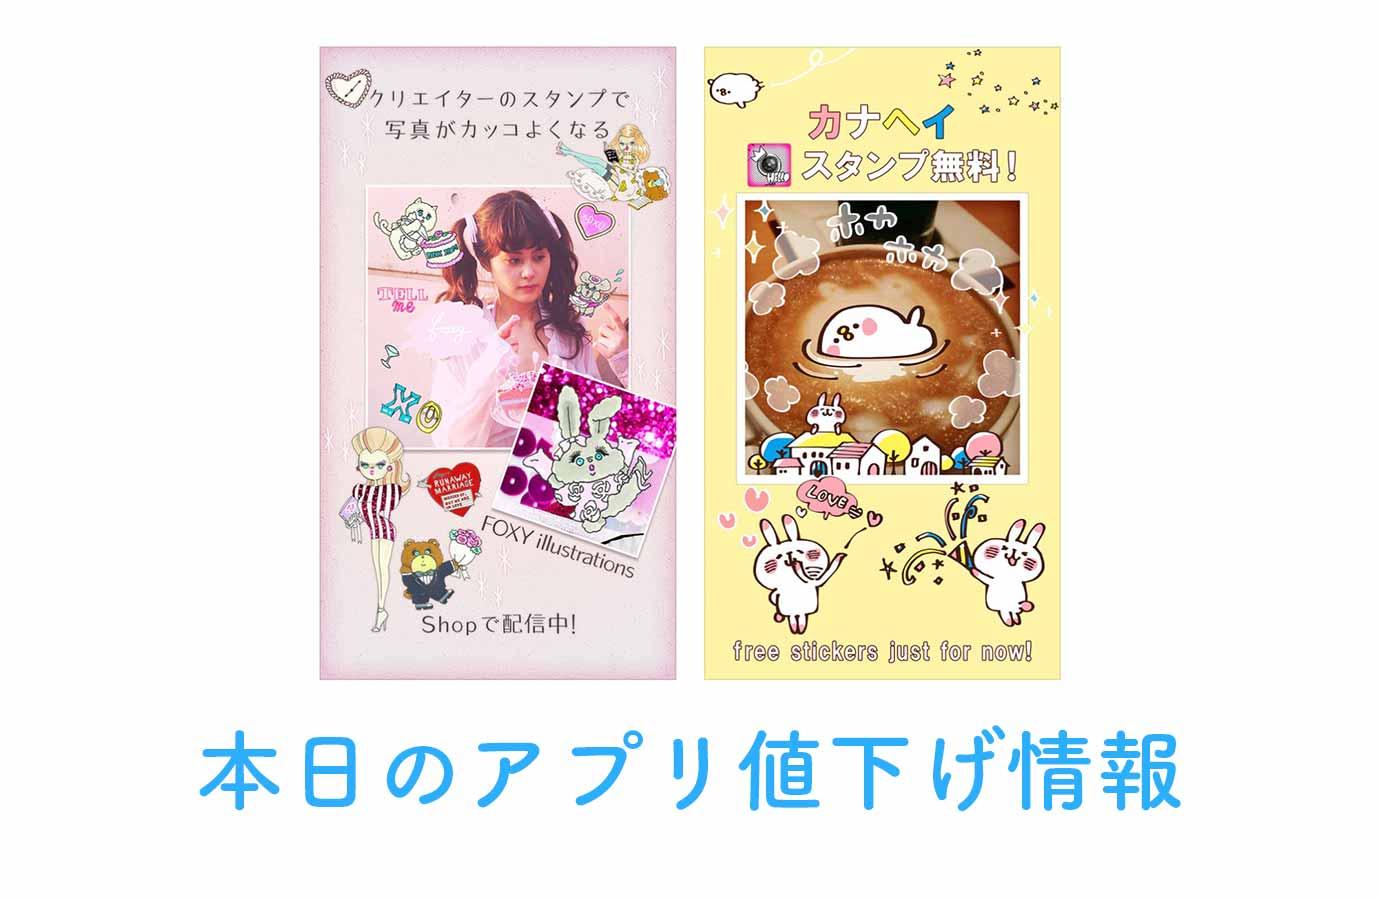 120円→無料!たくさんあるかわいいスタンプで写真を加工できるアプリ「PopCam」など【10/20】アプリ値下げ情報